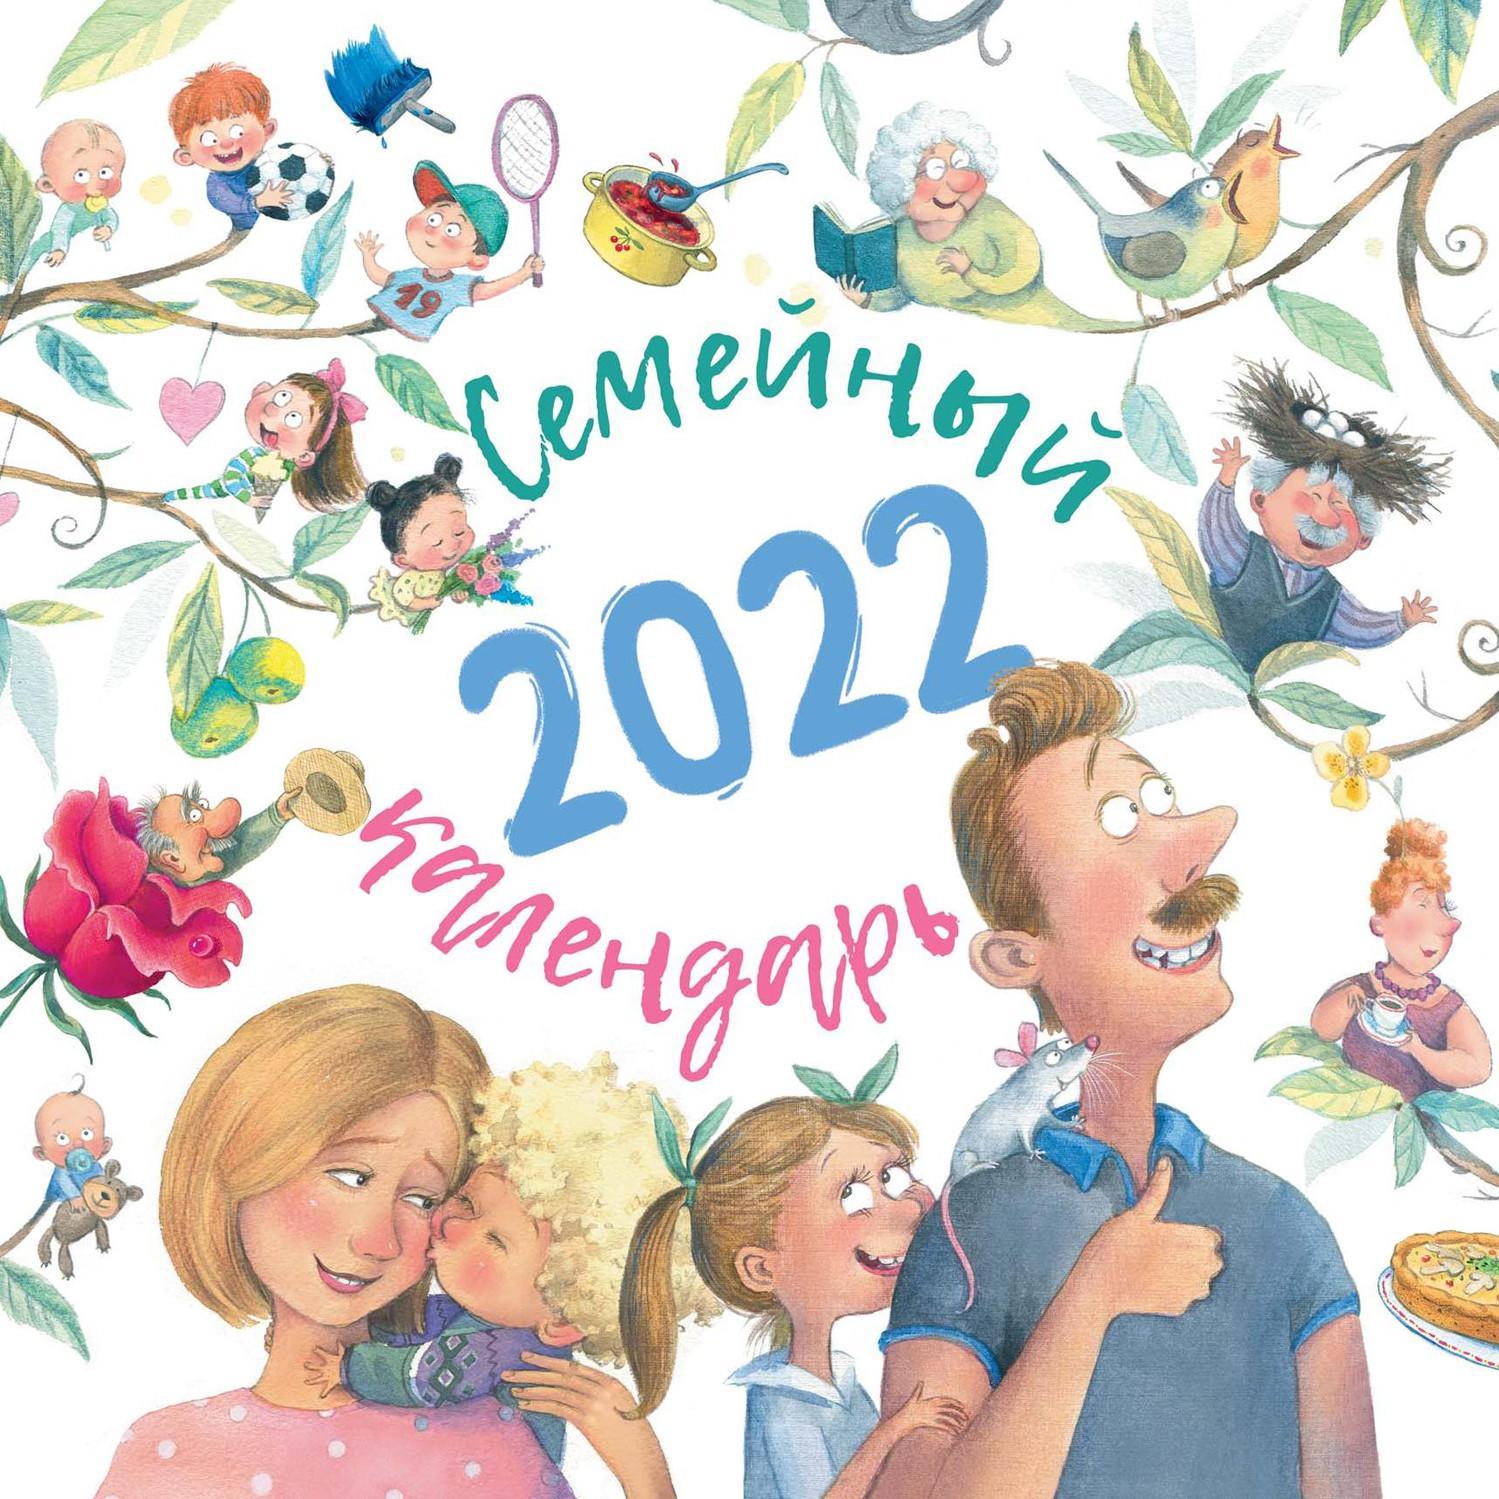 Семейный календарь 2022